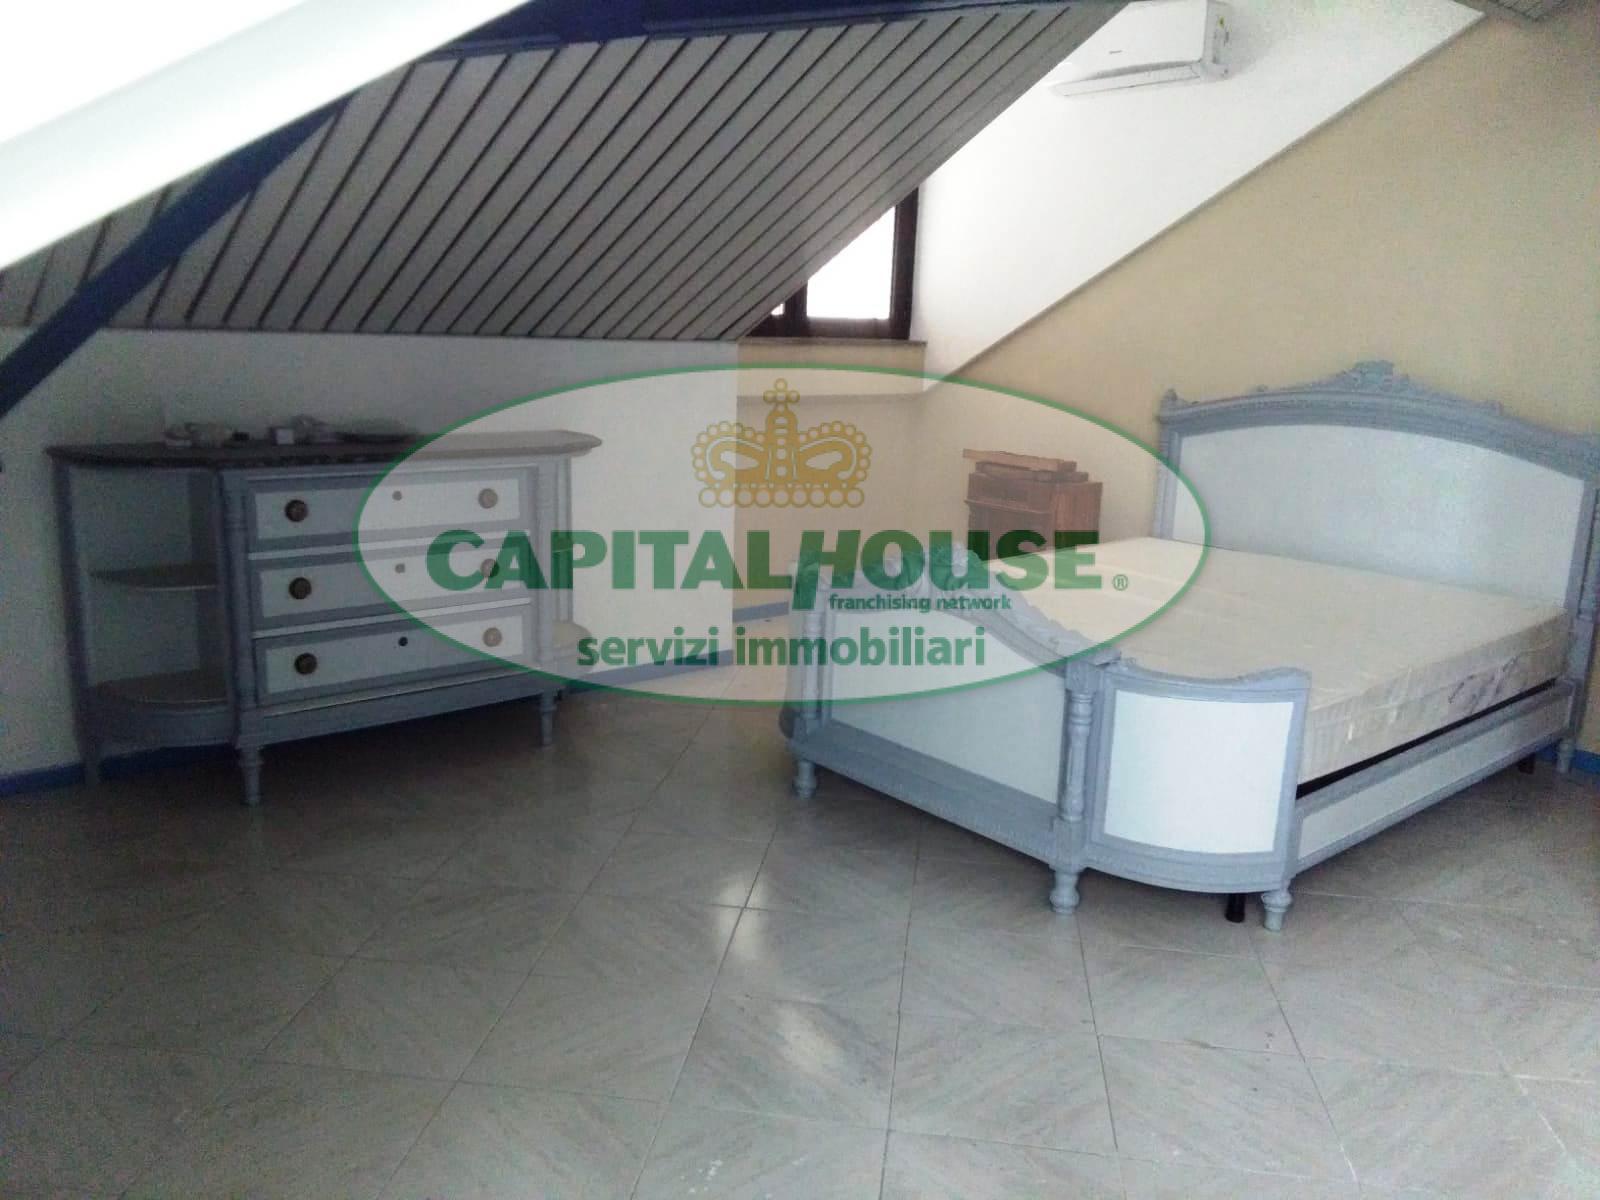 460 vd appartamento in affitto a caserta centro for Affitto caserta arredato